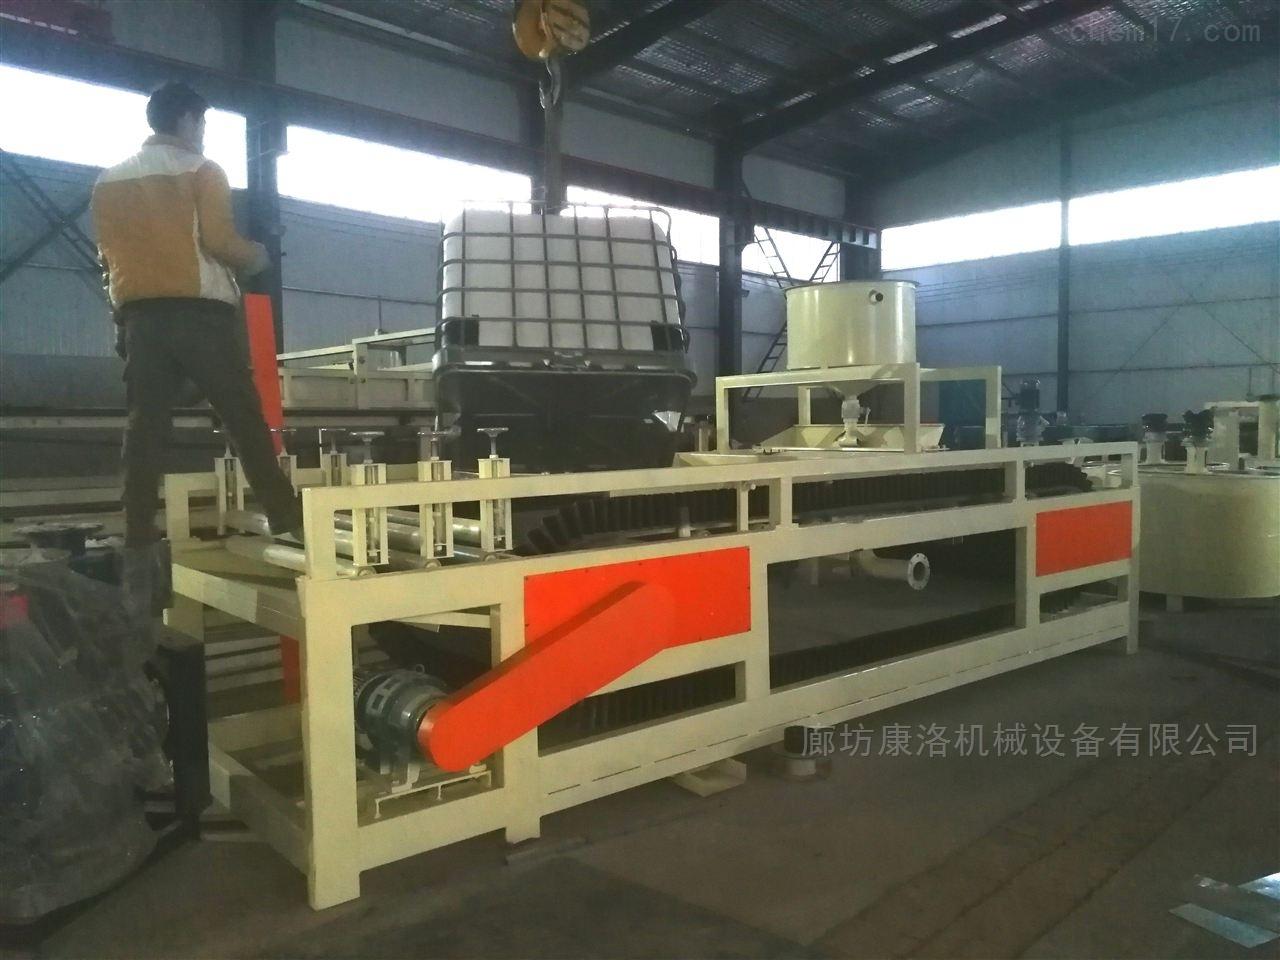 硅质渗透保温板生产设备和聚合聚苯板设备